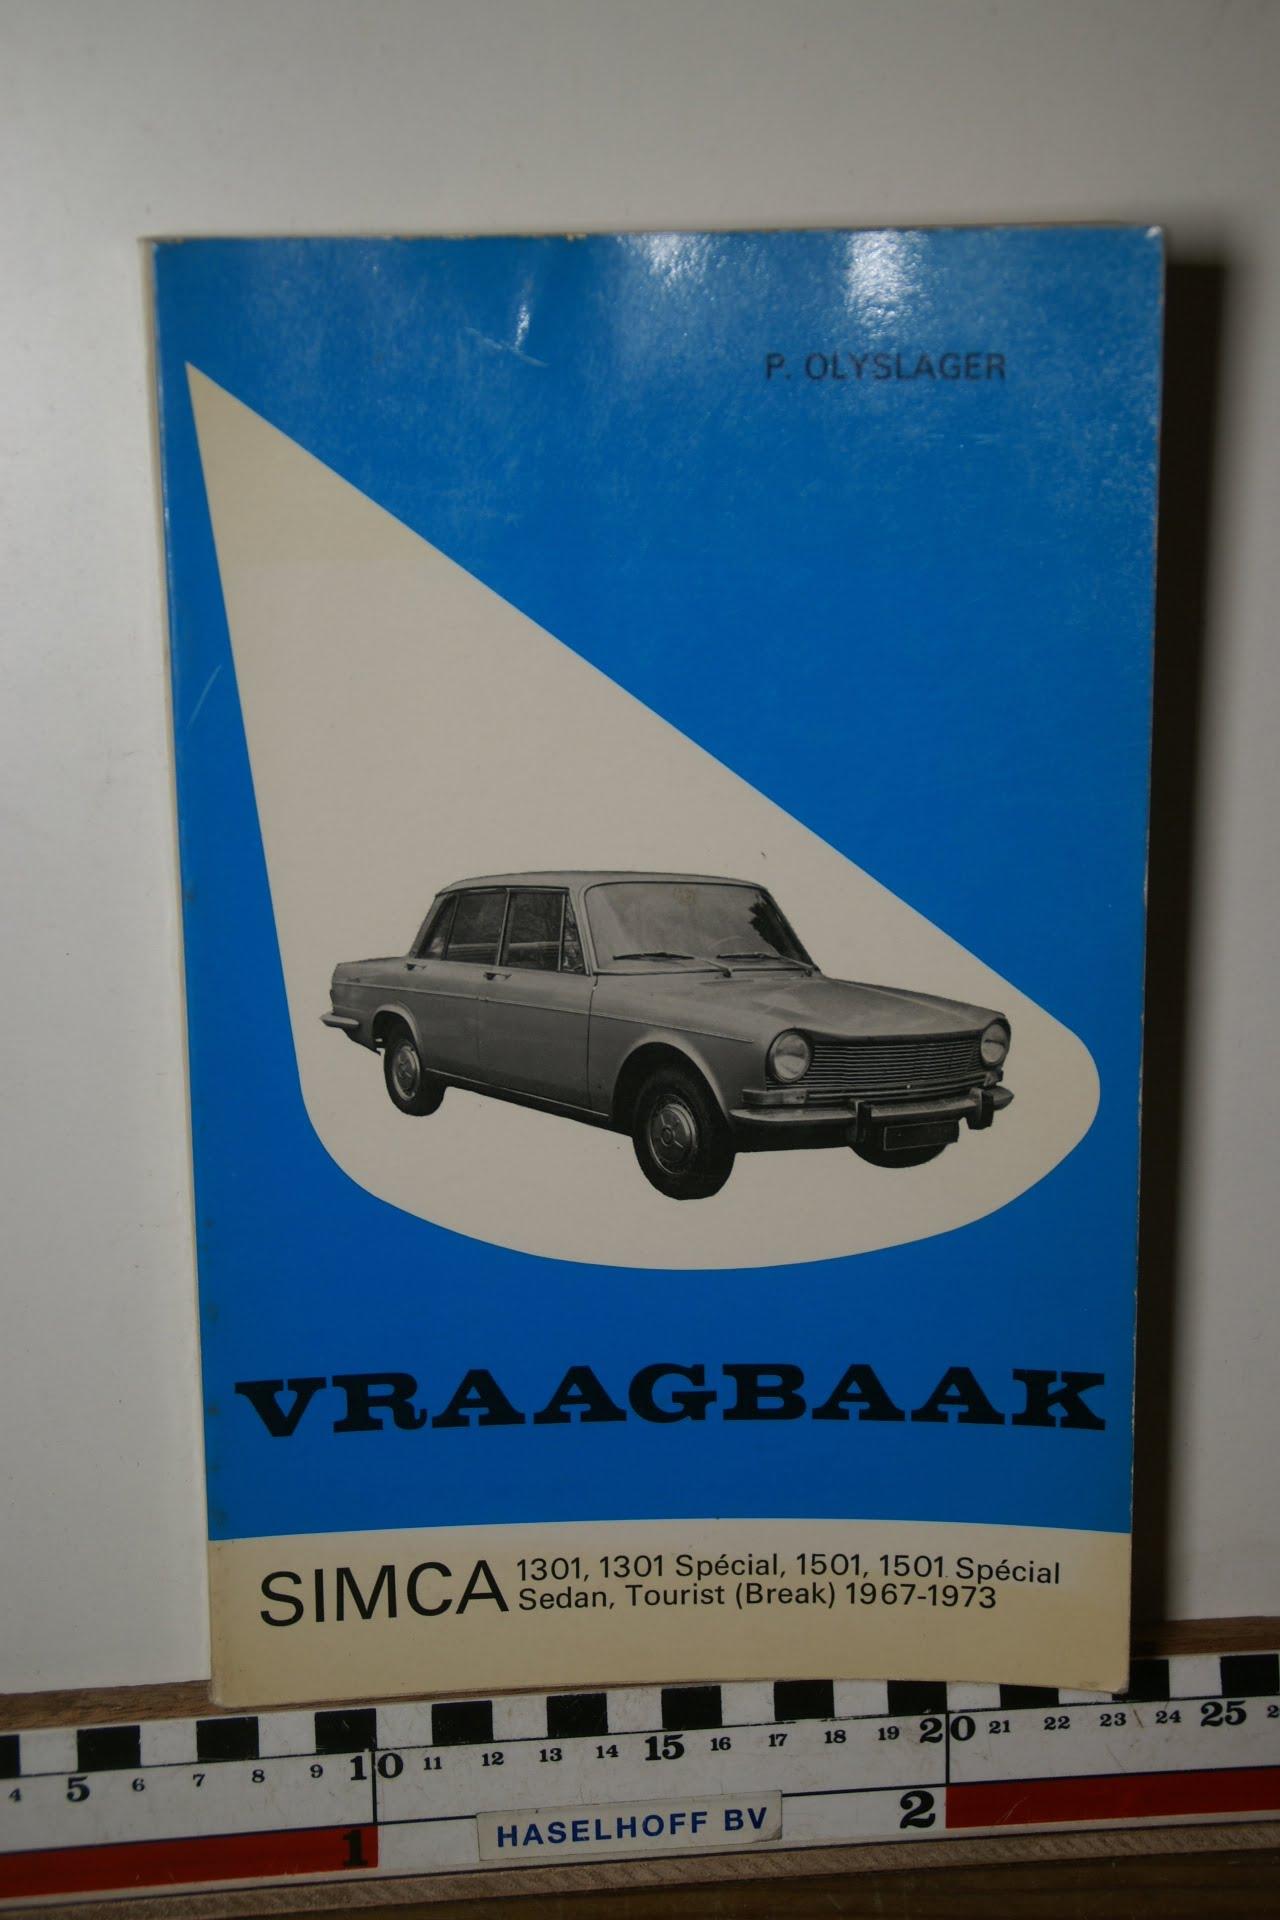 Olyslager vraagbaak Simca 180205-3694-0